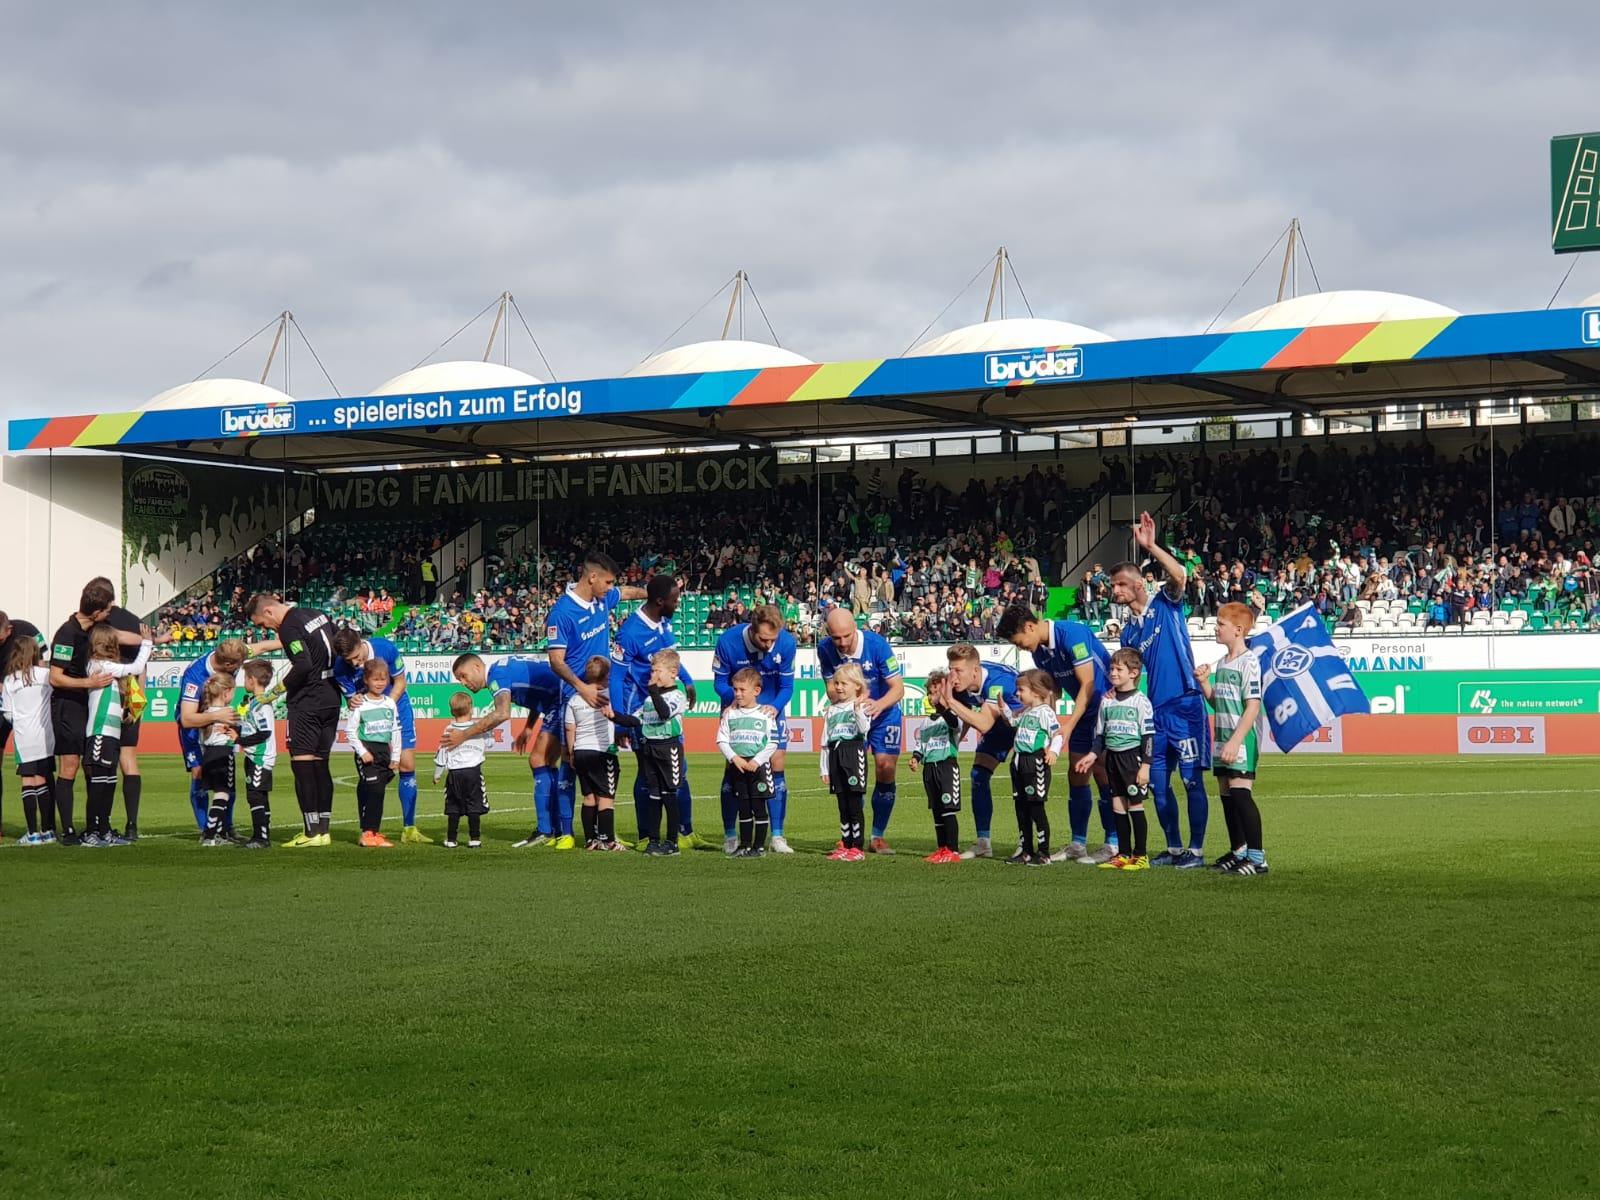 SpVgg Greuther Fürth – SV Darmstadt 98 3:1 (2:0)